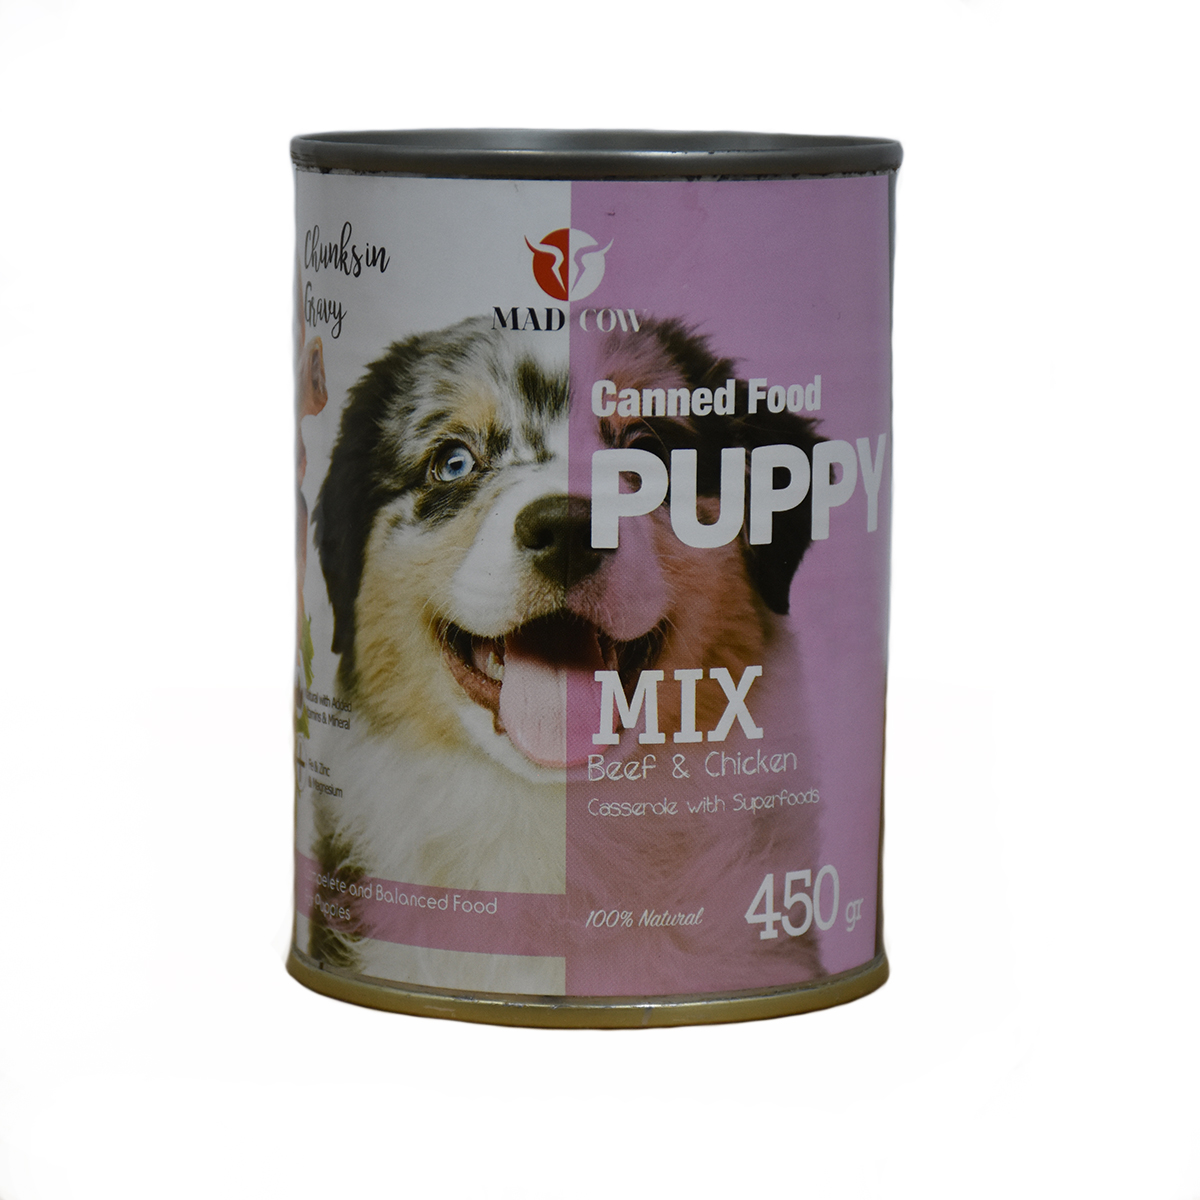 کنسرو غذای سگ مدکاو مدل Puppy Mix وزن 450 گرم